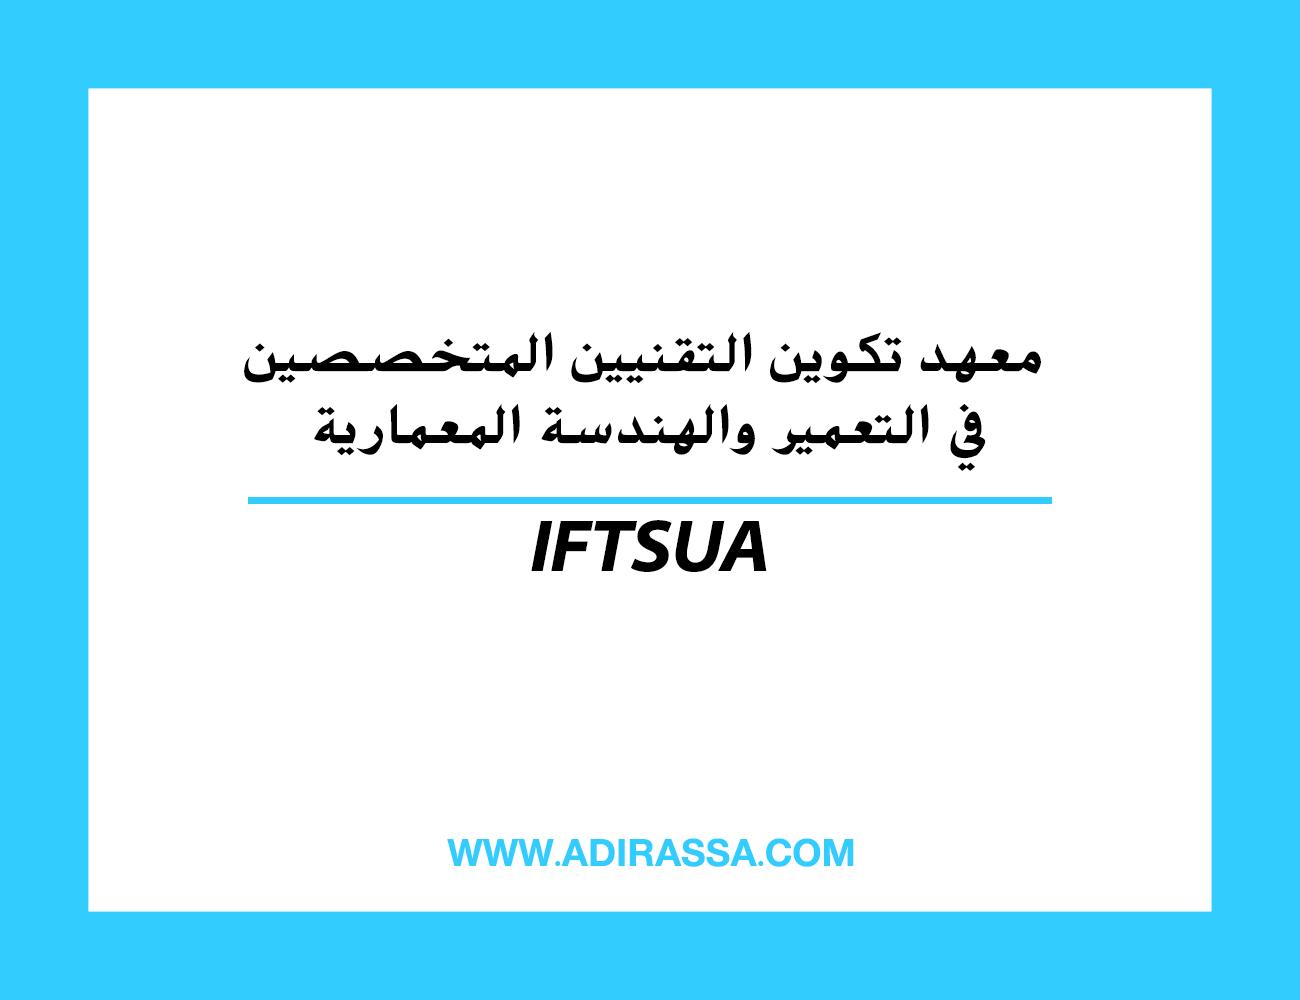 معهد تكوين التقنيين المتخصصين في التعمير والهندسة المعمارية بالمغرب